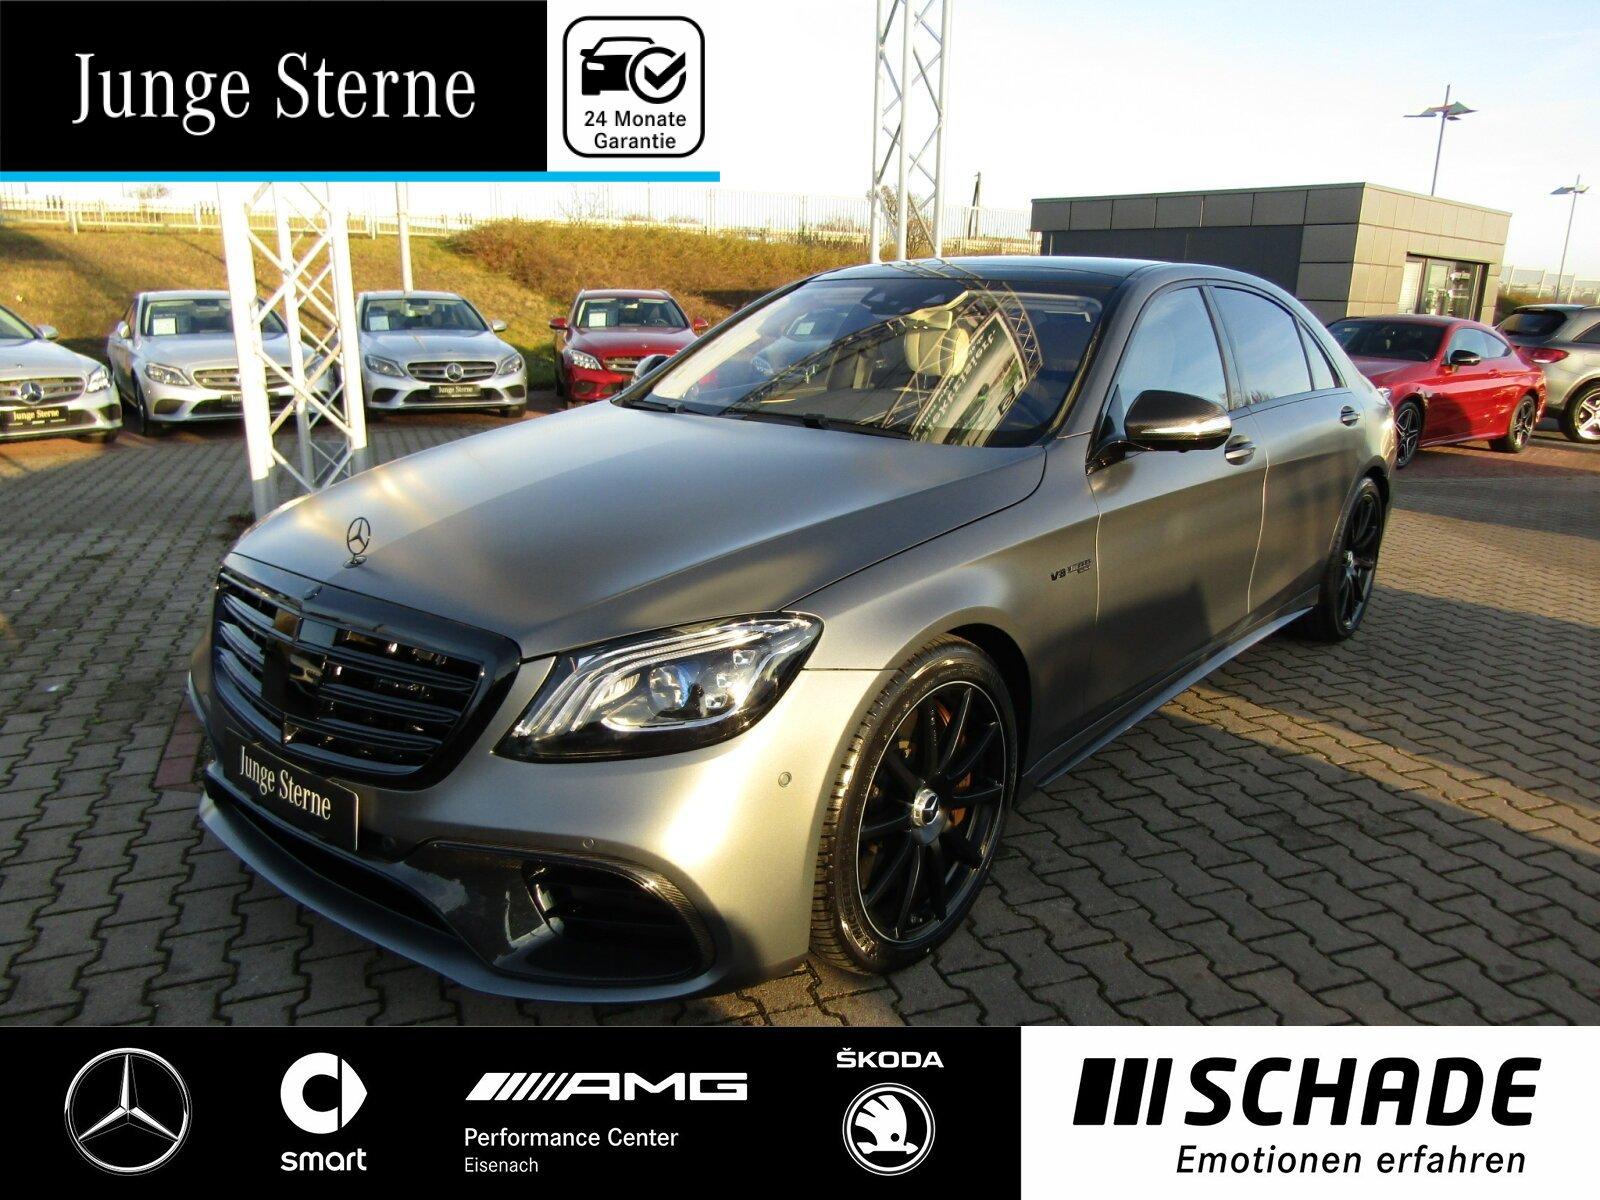 Mercedes-Benz S 63 AMG 4M+ lang First-Class Fond*NP: 242.850,-, Jahr 2017, Benzin